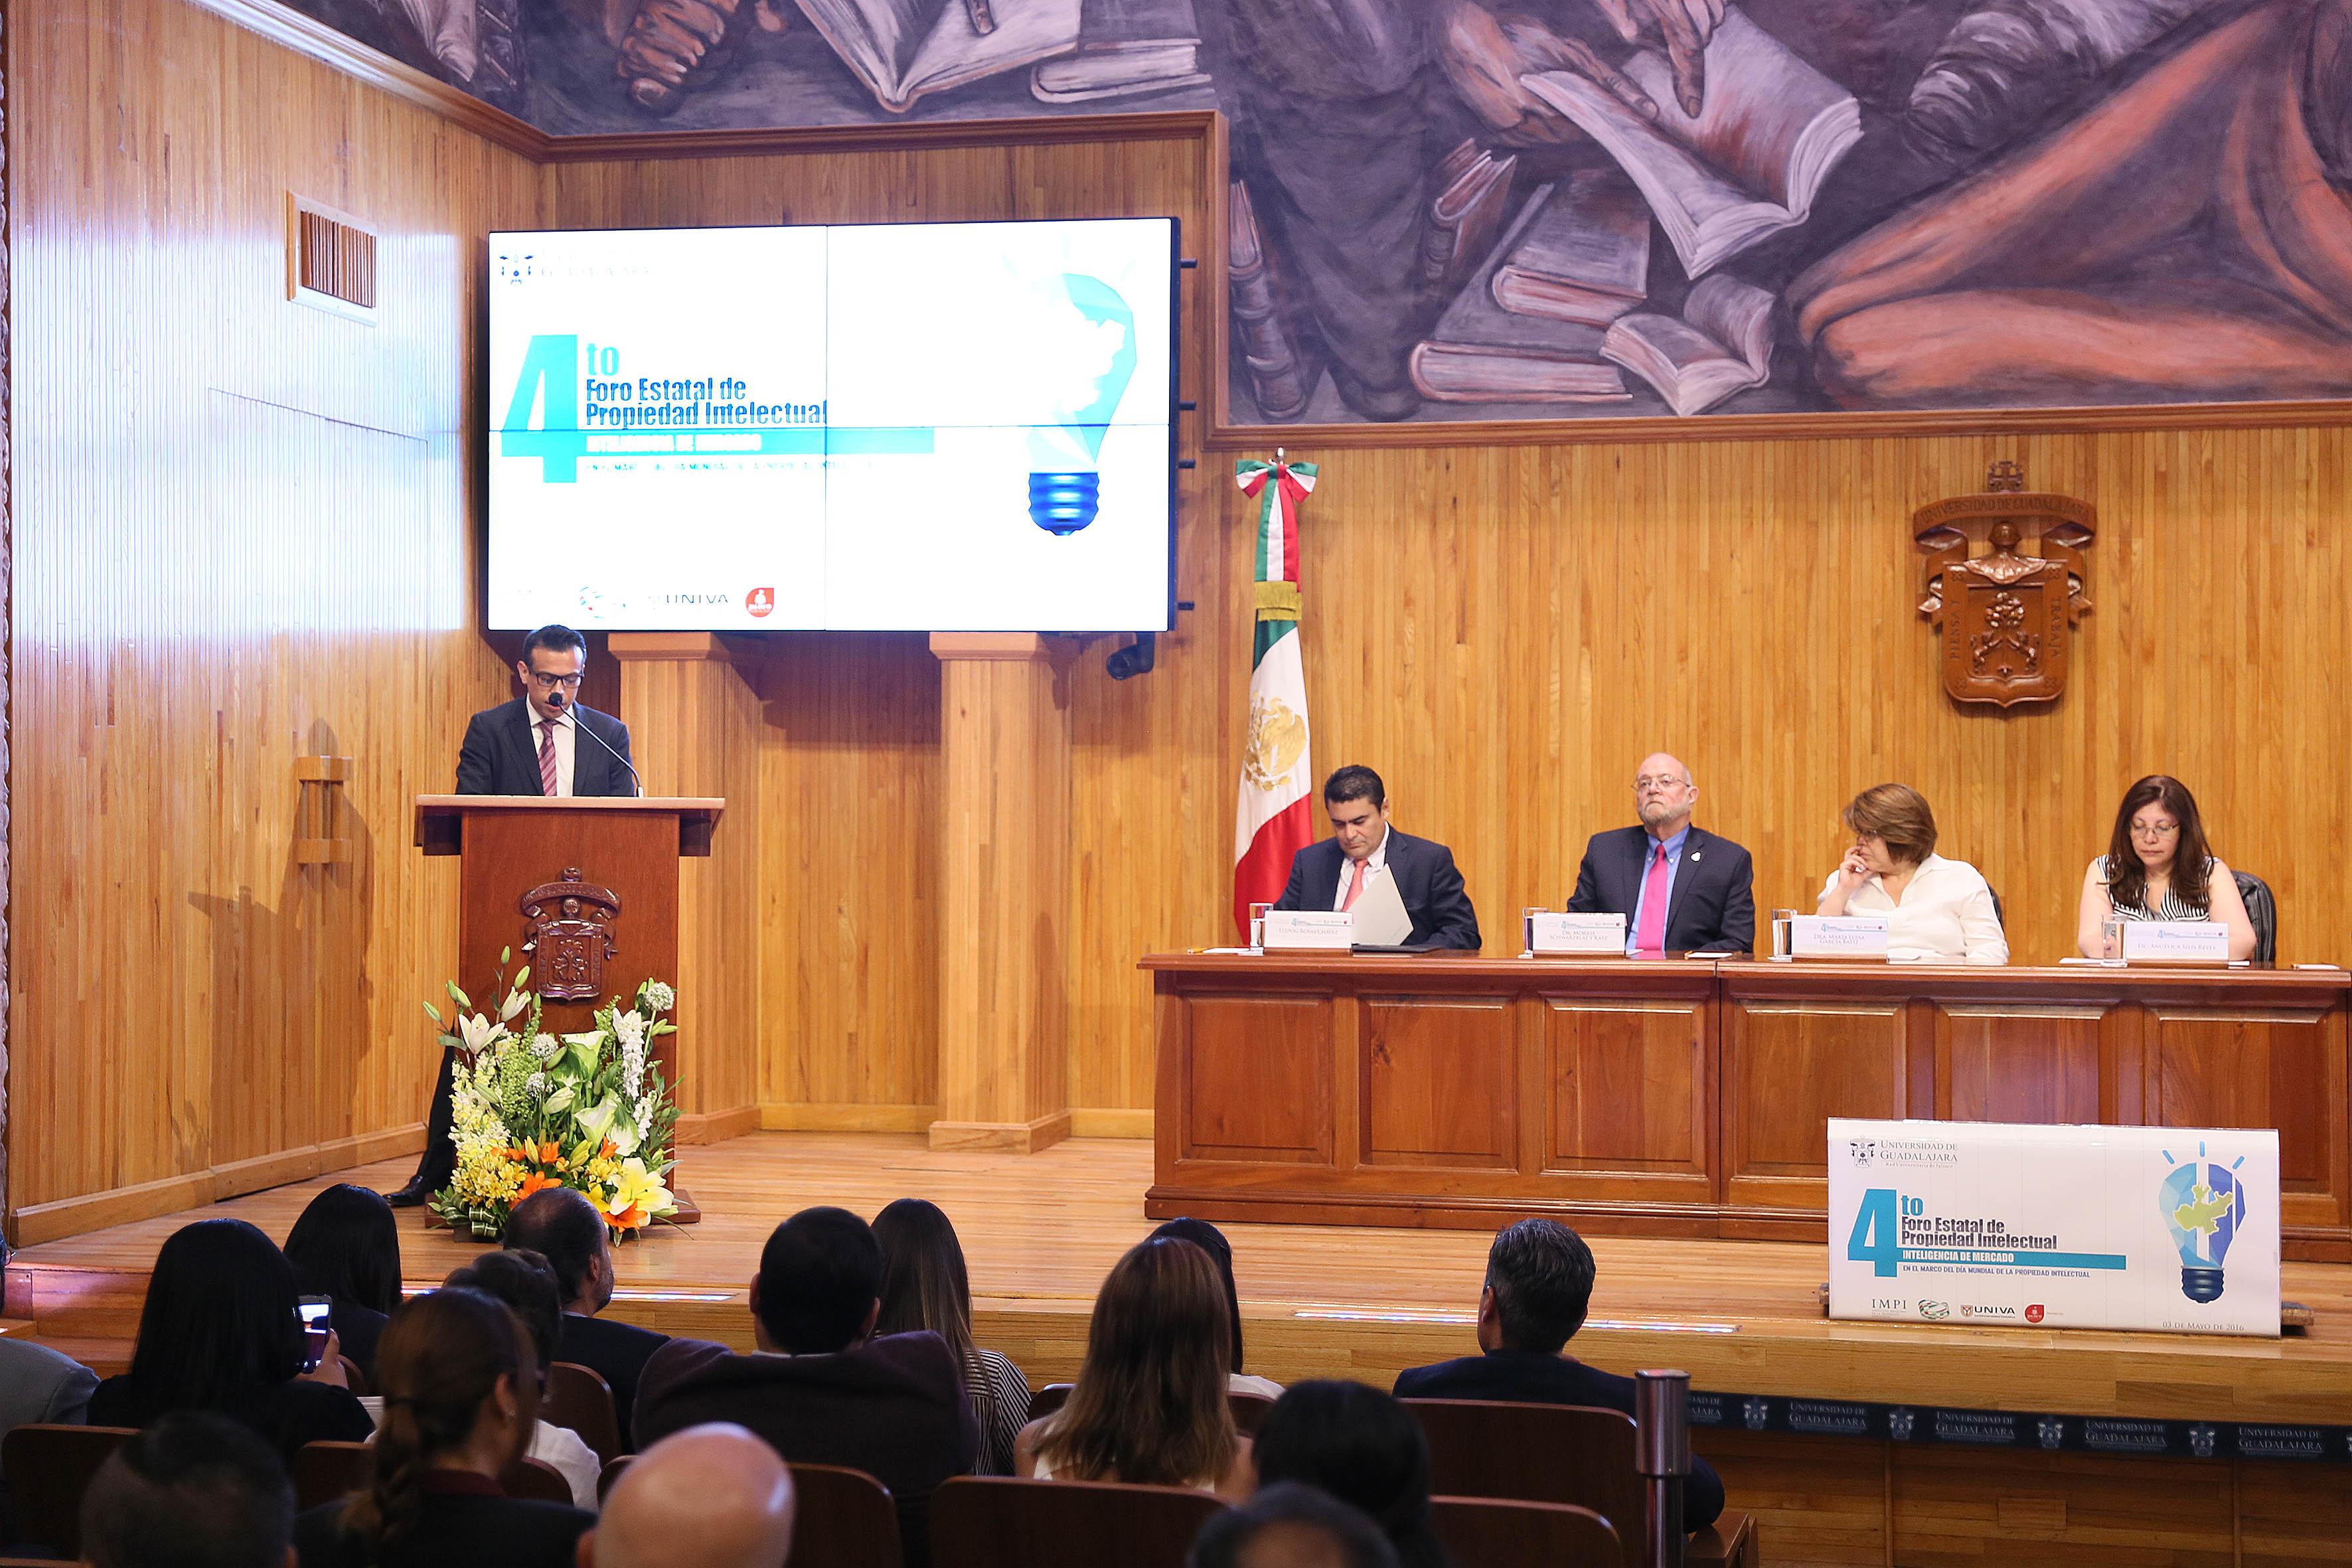 Ponente haciendo uso de la palabra en el 4to Foro Estatal de Propiedad Intelectual organizado por la Coordinación de Vinculación y Servicio Social de la Universidad de Guadalajara y la Universidad del Valle de Atemajac.